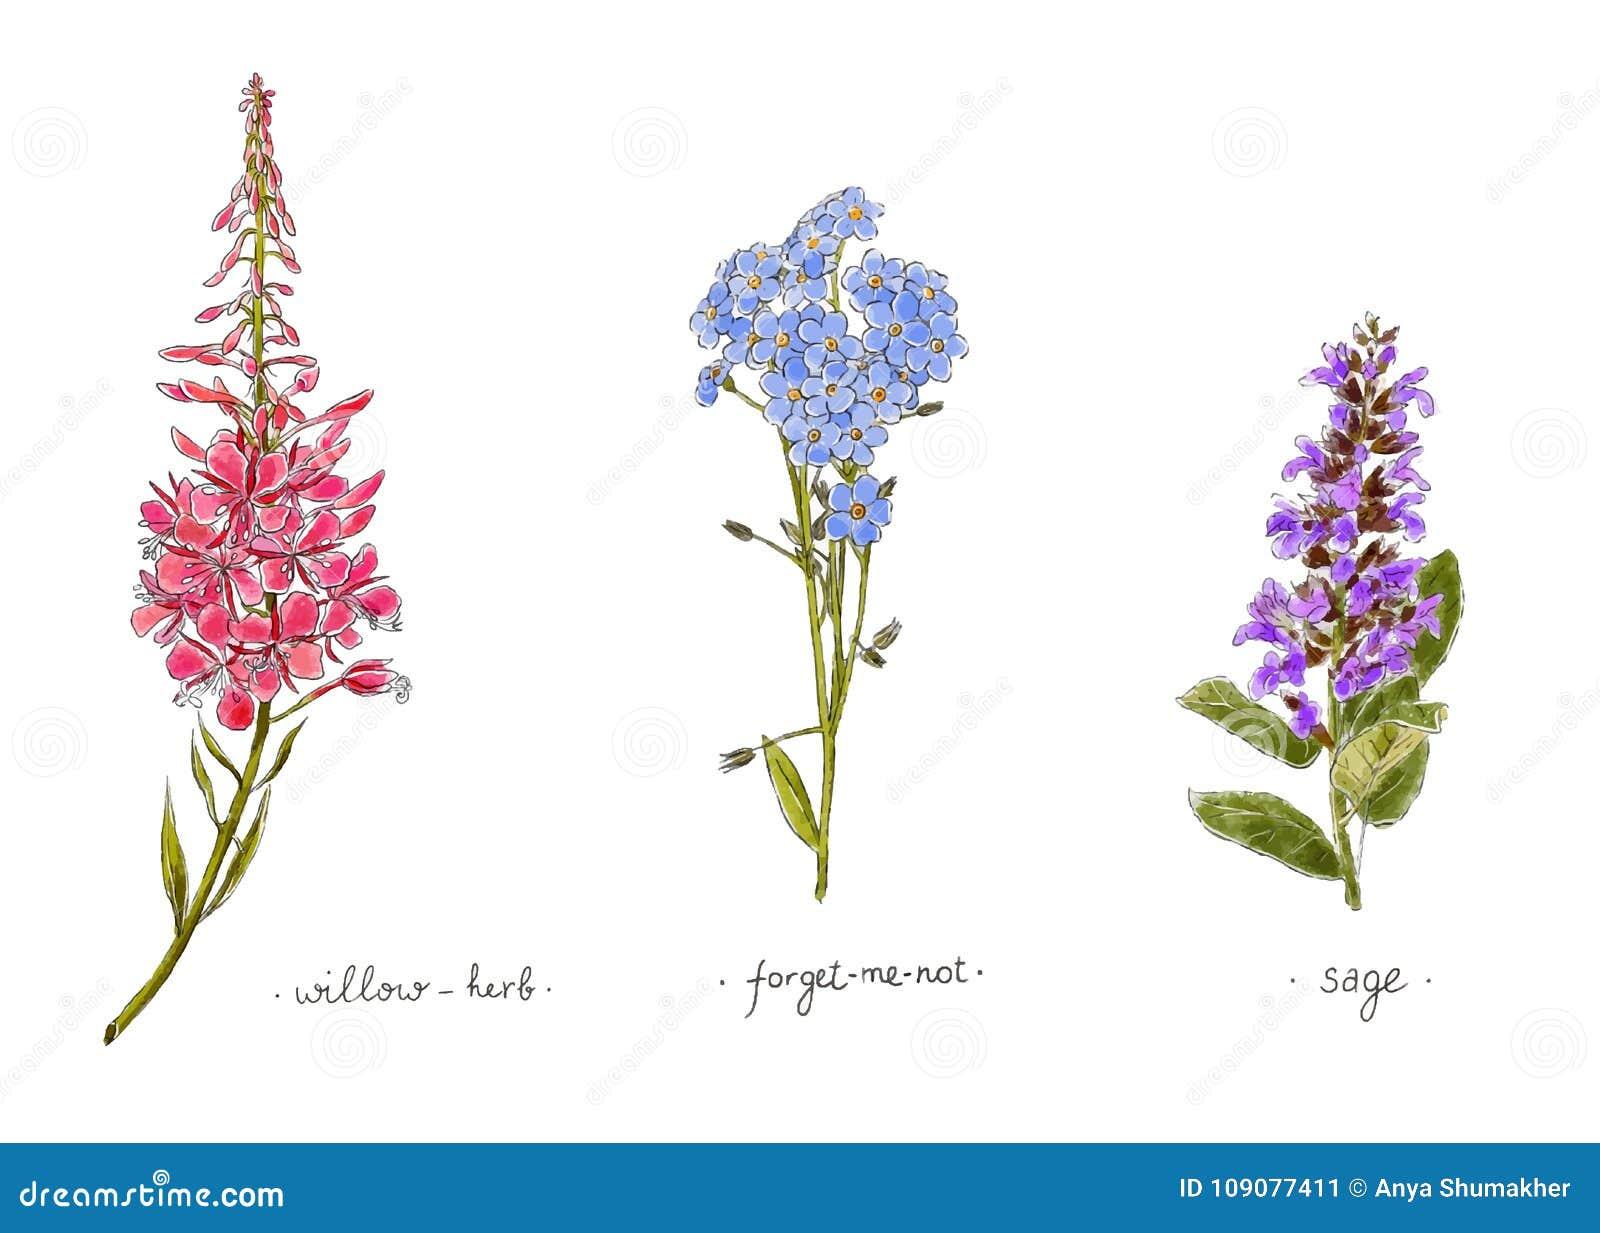 Wild Wachsende Pflanzen Und Blumenhand Gezeichnet In Farbe Weide